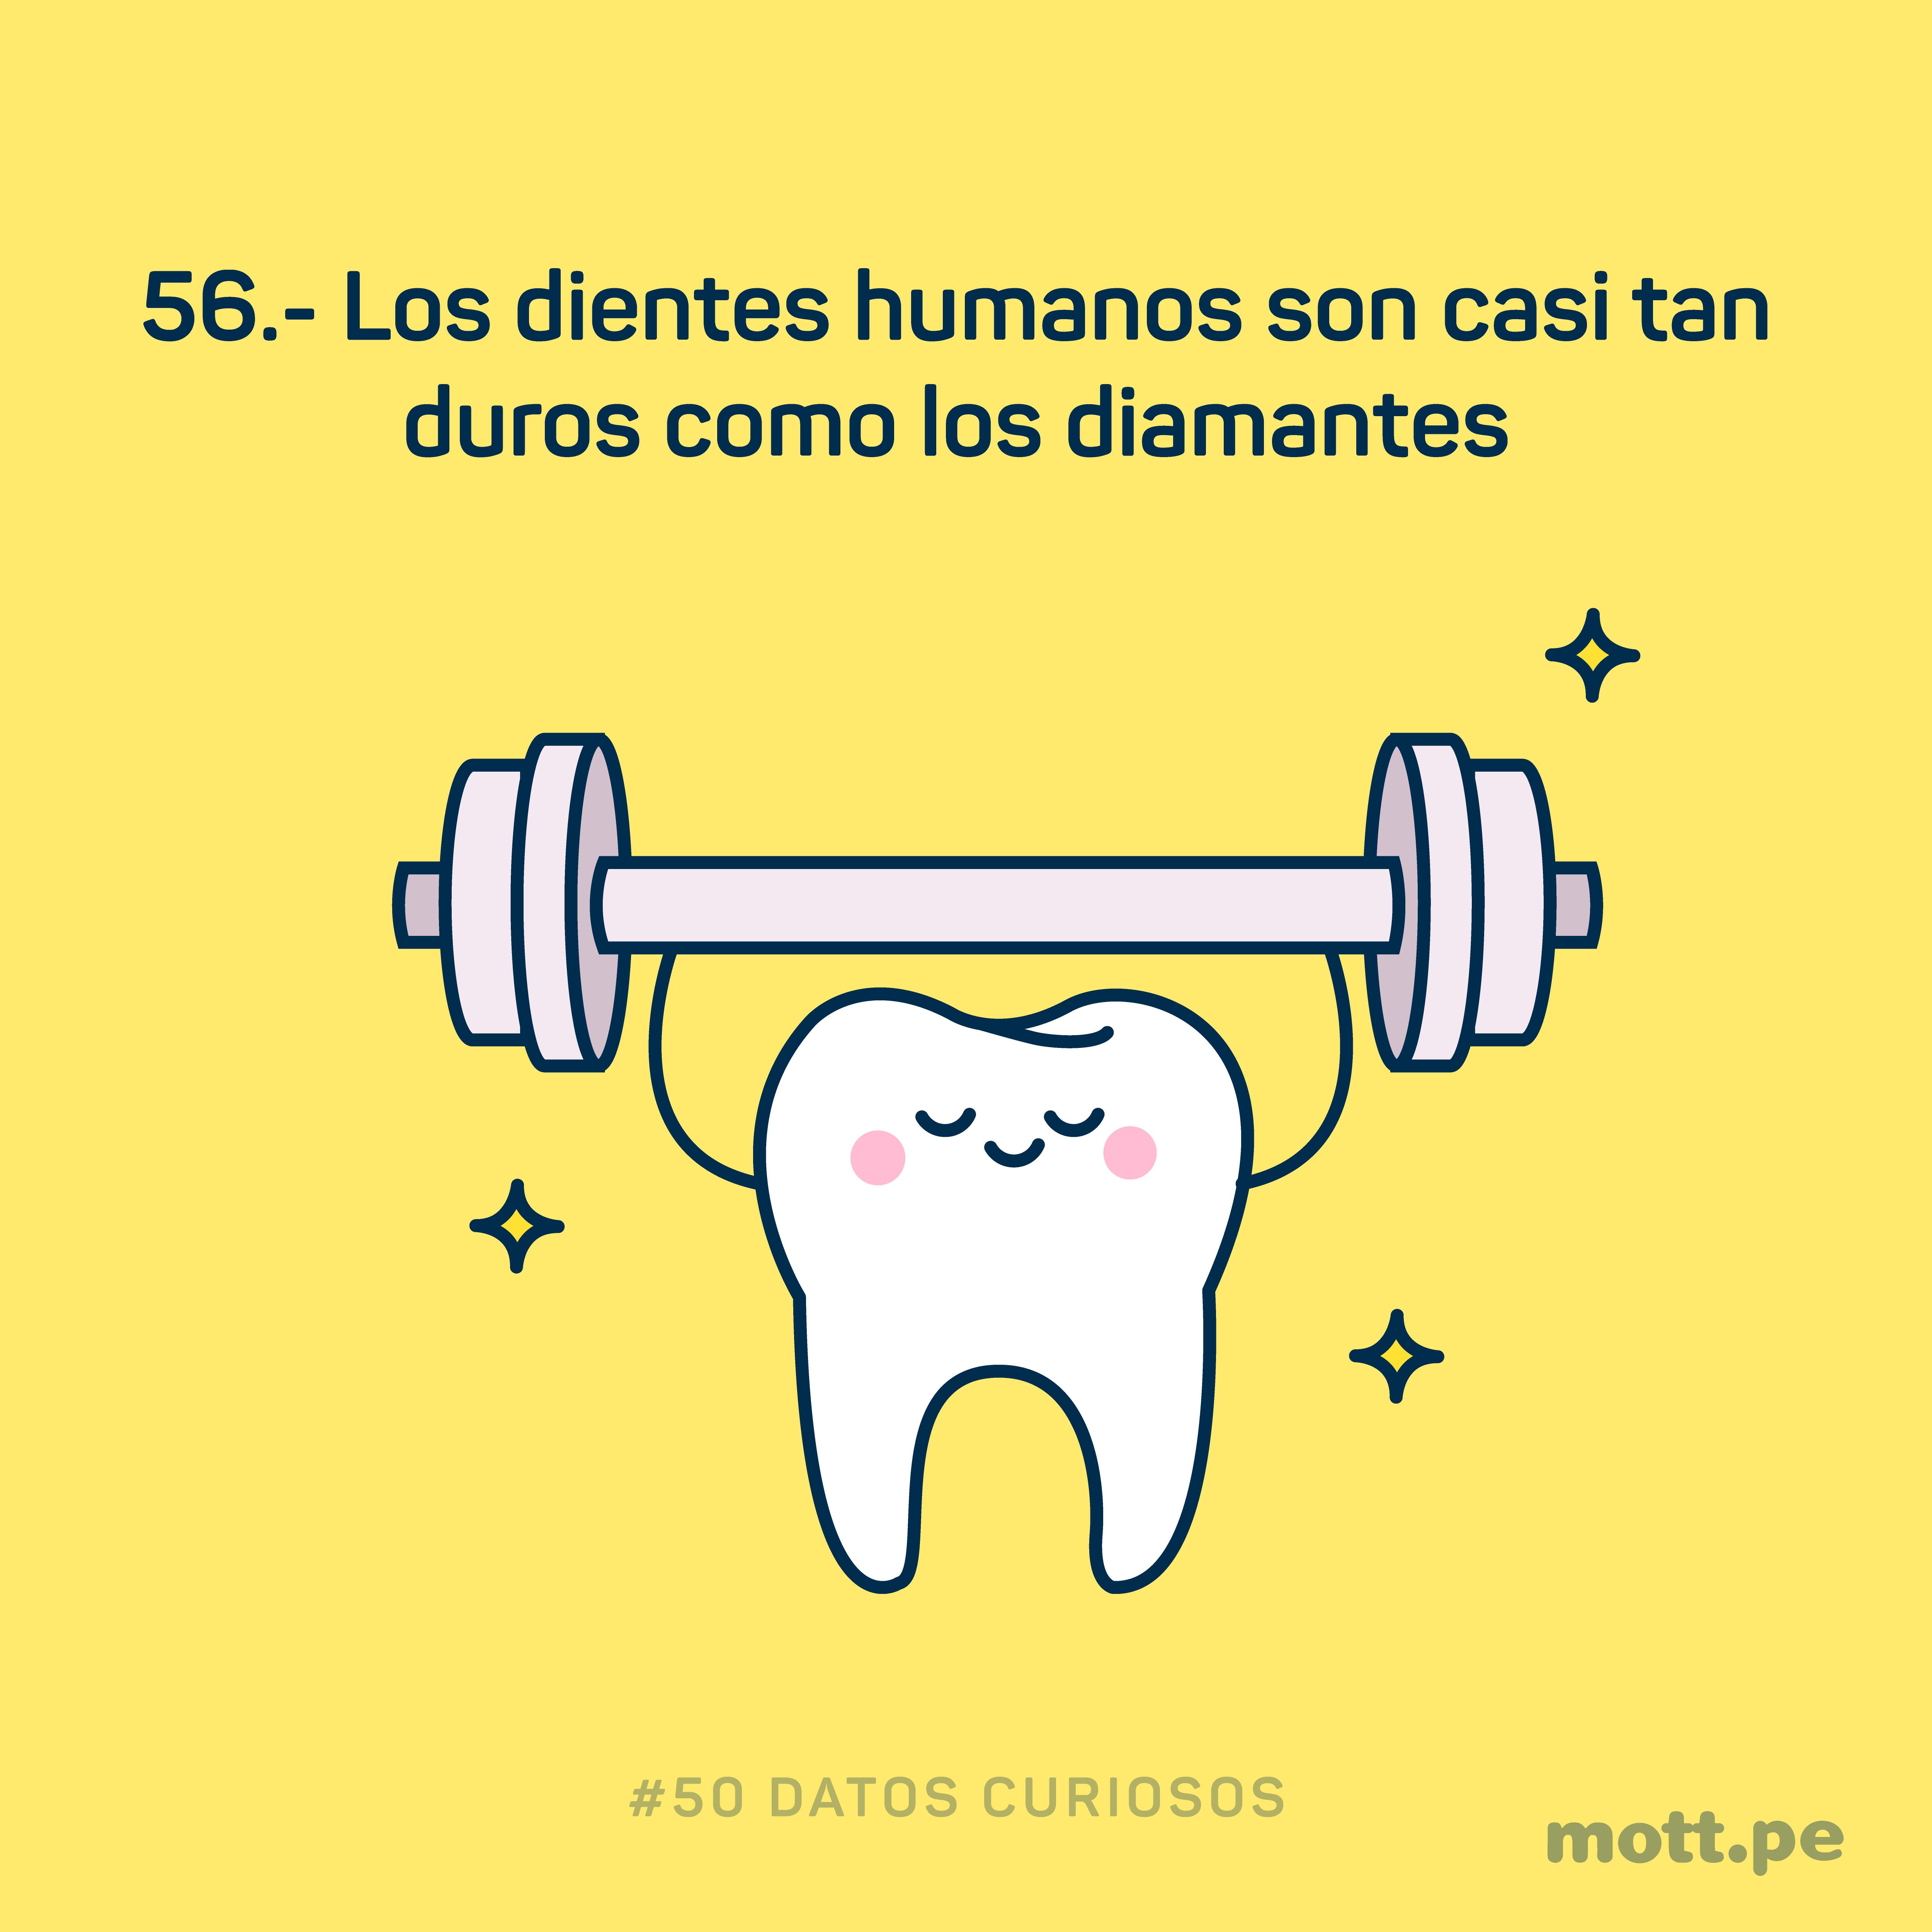 los dientes pueden ser duros como diamantes